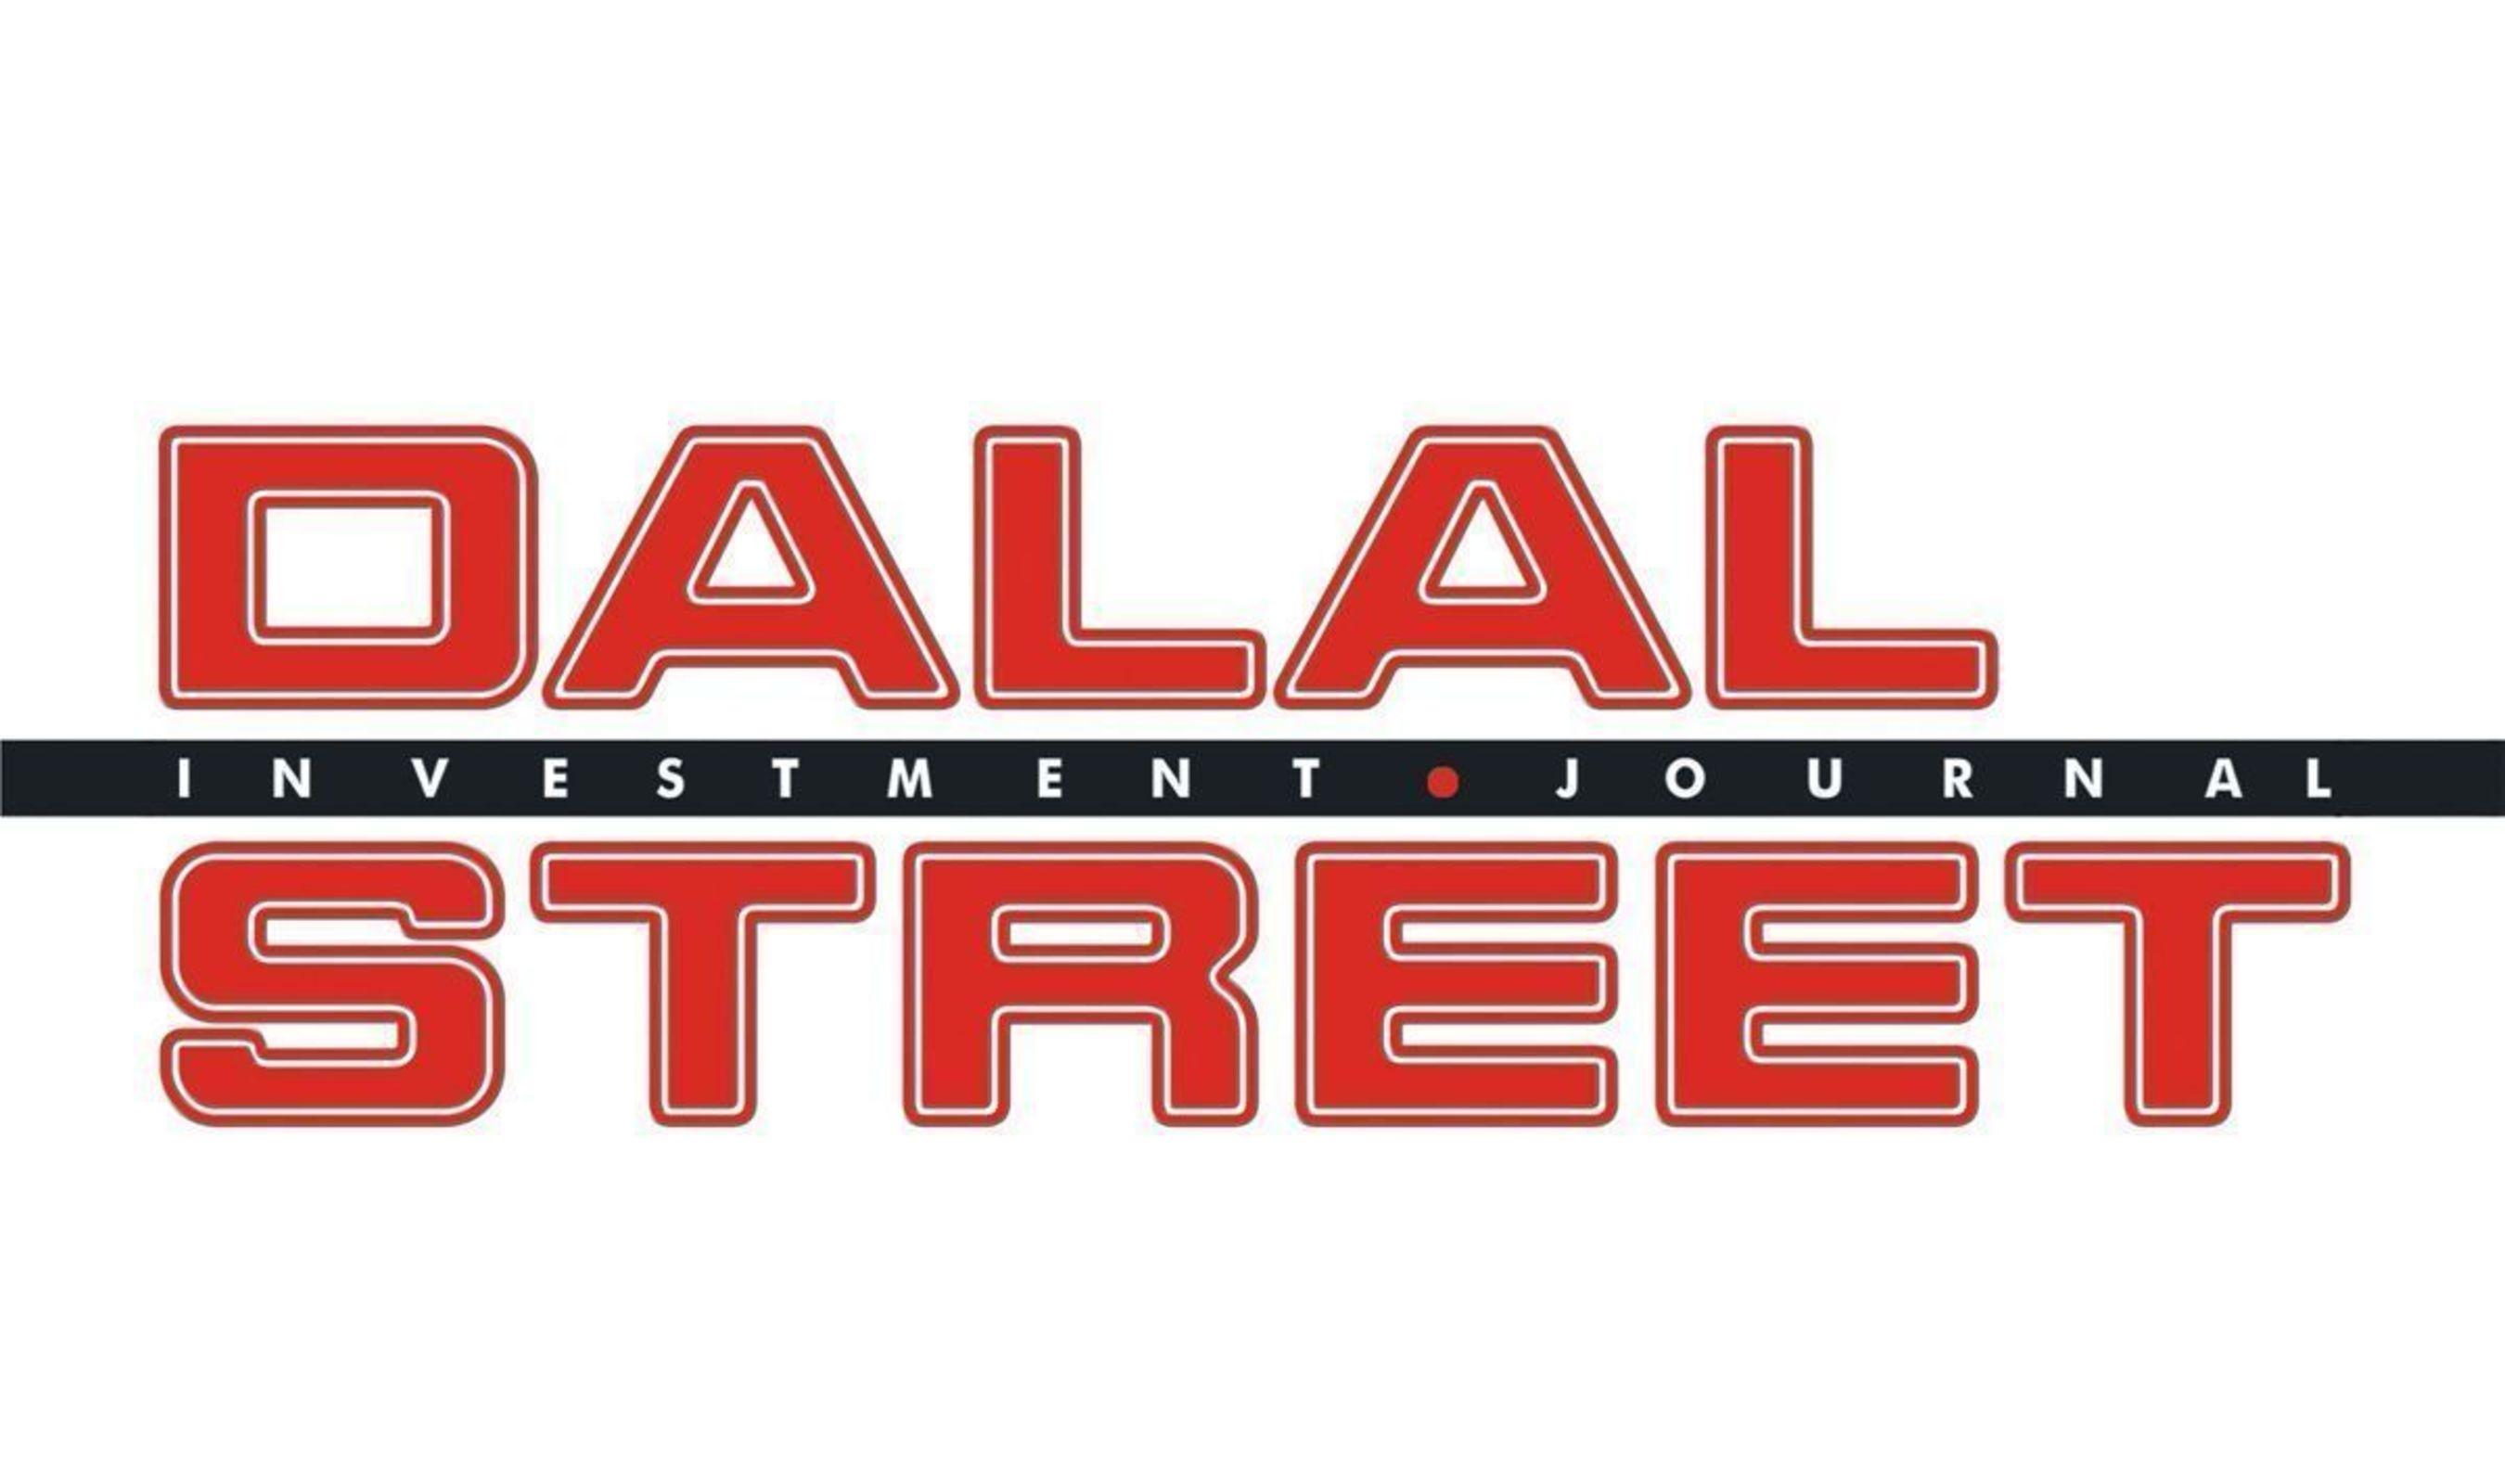 Dalal Street Investment Journal (PRNewsFoto/DSIJ Pvt. Ltd.)